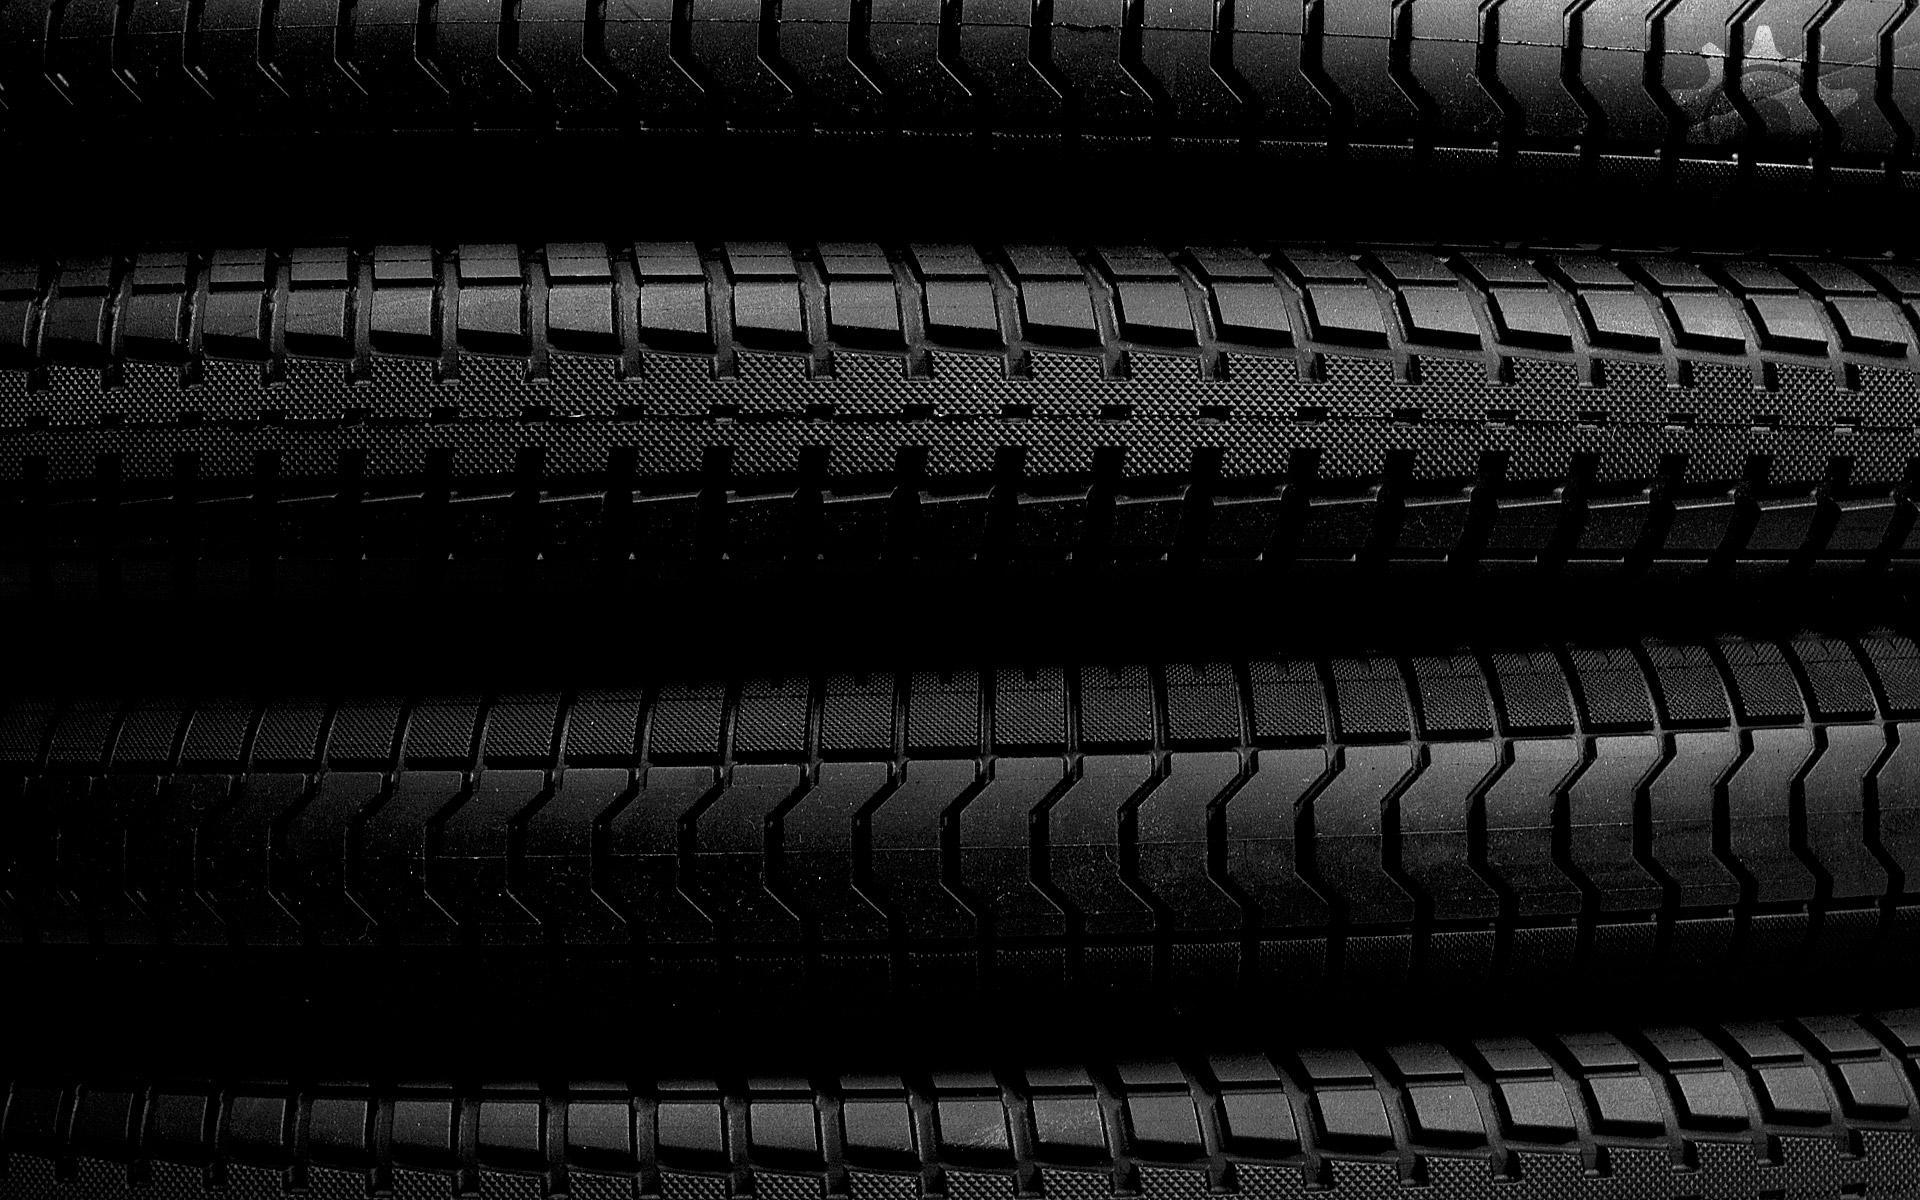 tires desktop wallpaper 50153